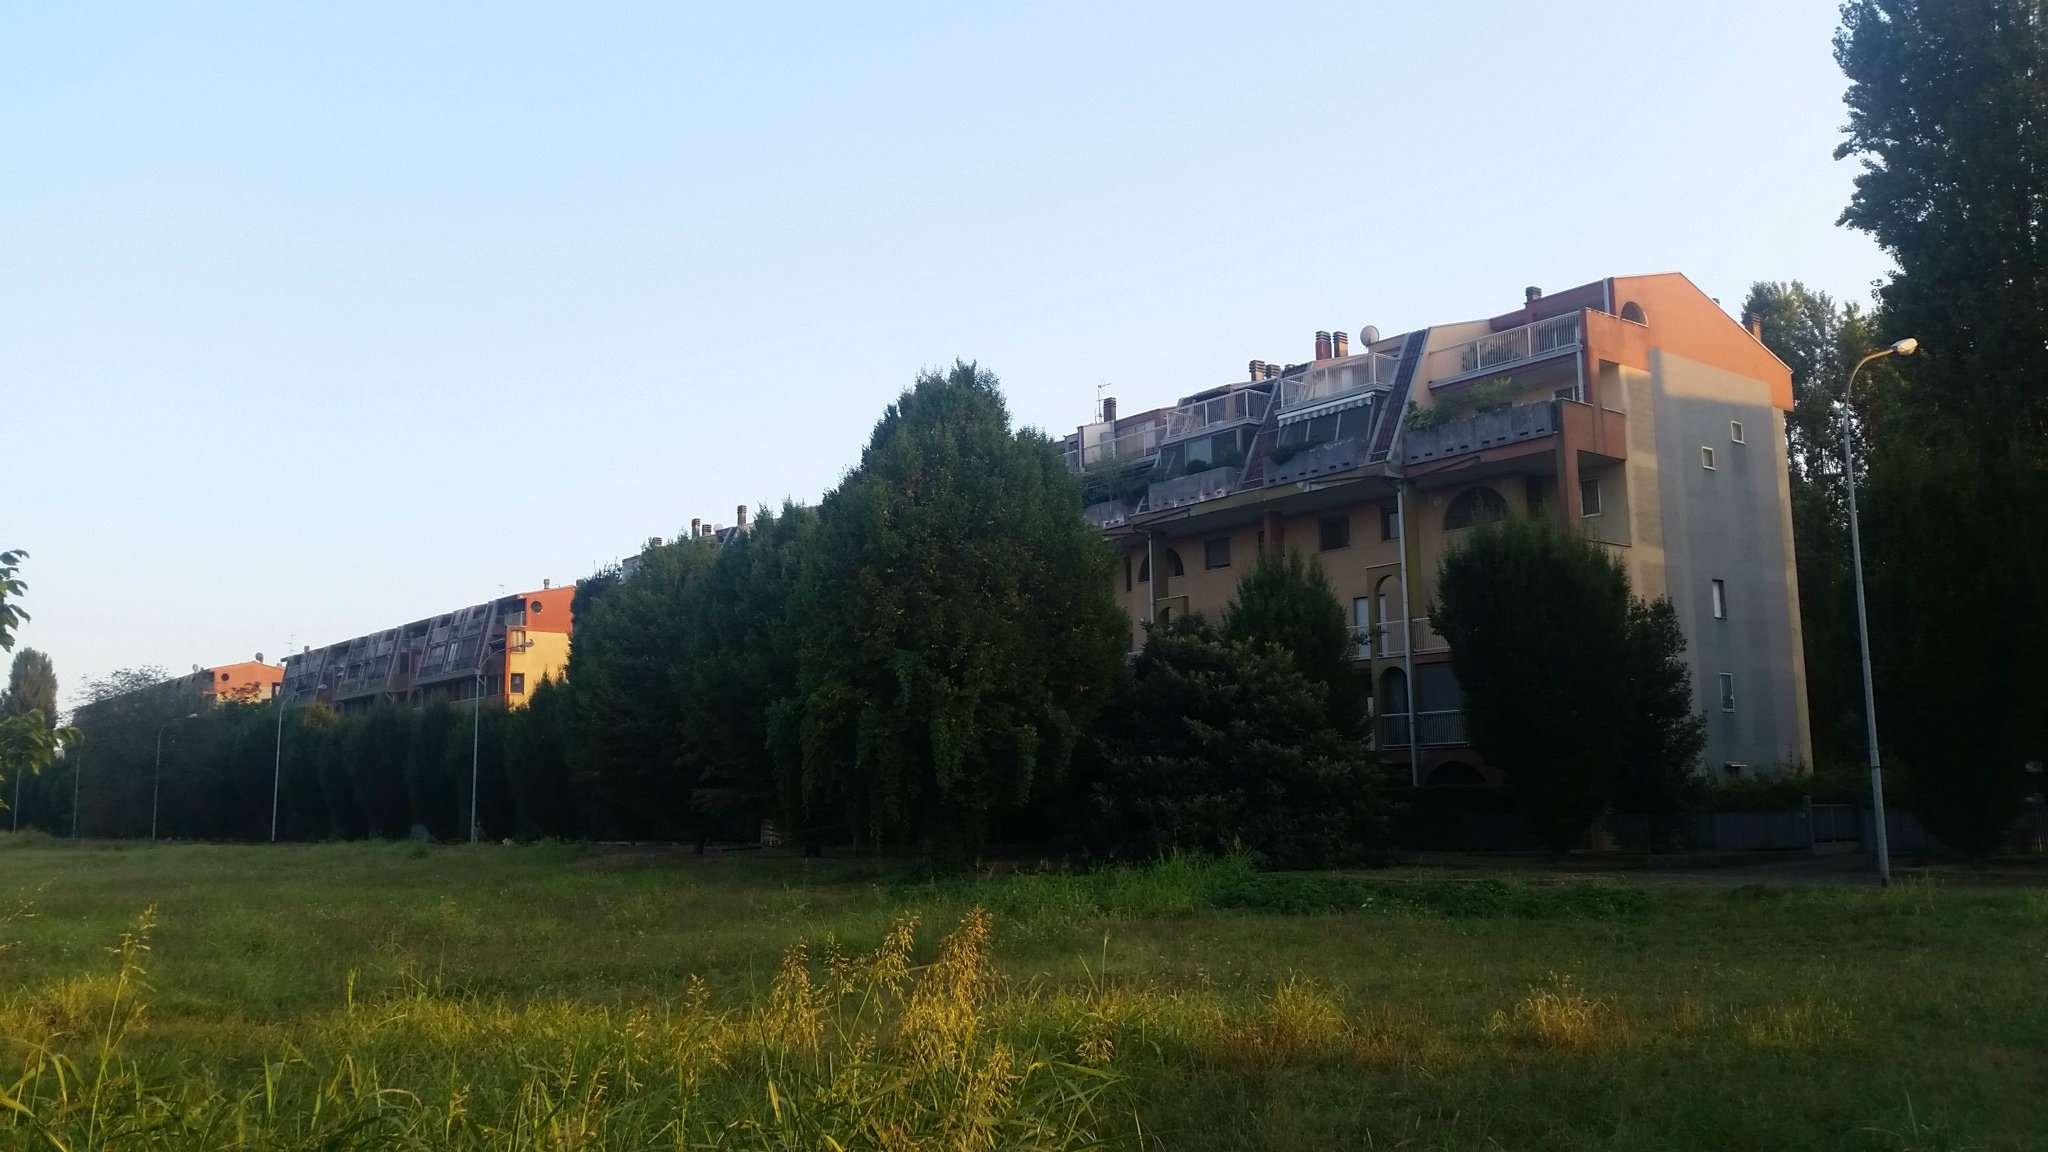 Attico / Mansarda in affitto a San Giuliano Milanese, 3 locali, prezzo € 810 | Cambio Casa.it